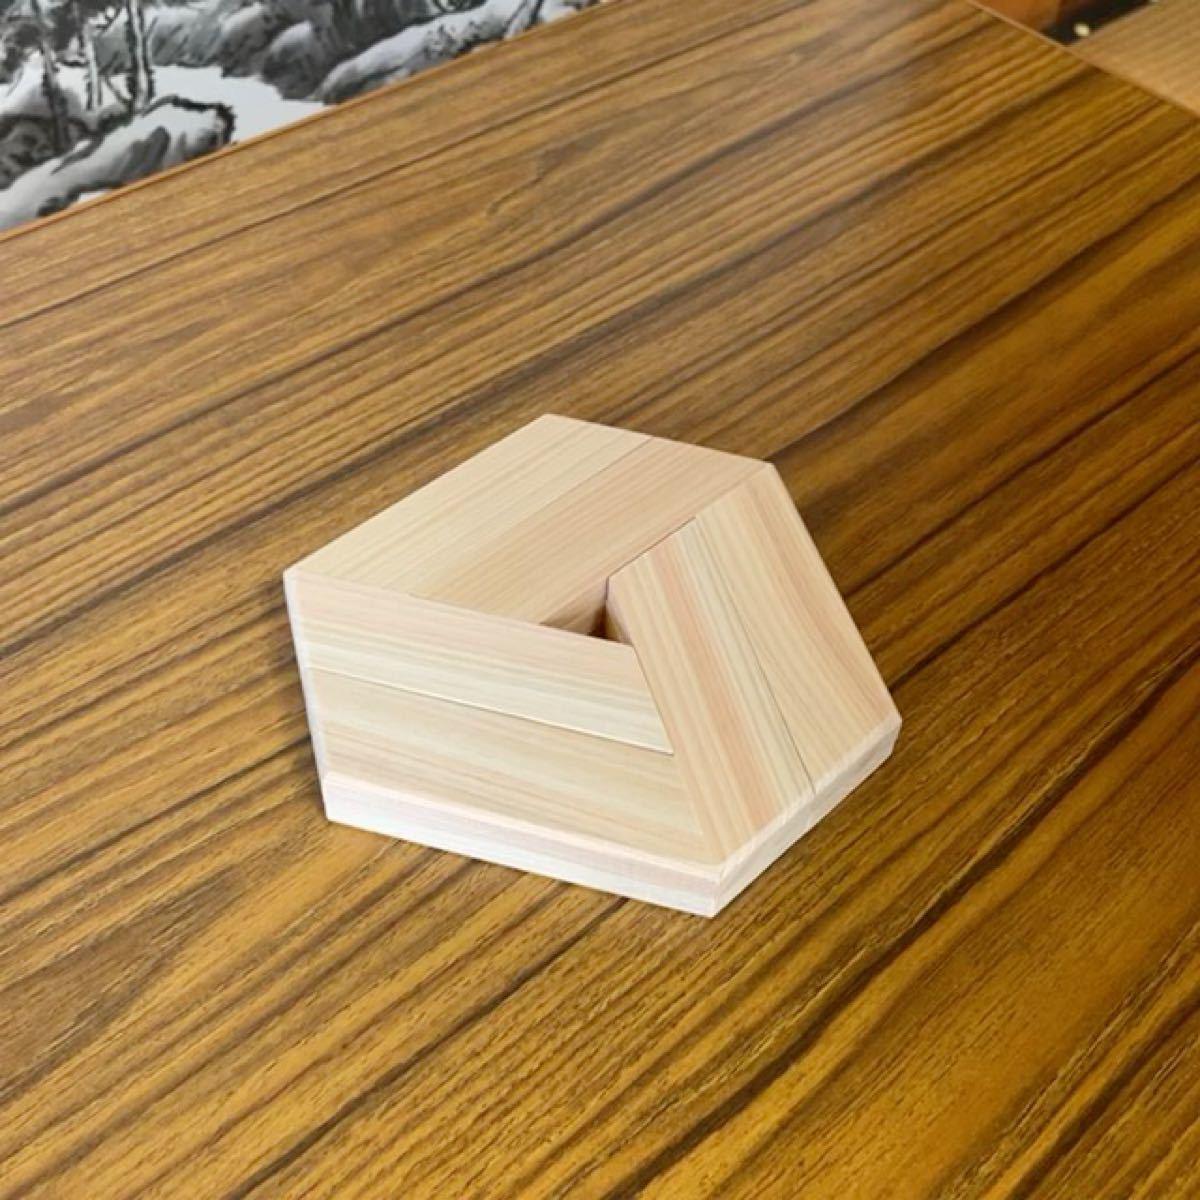 花台 or 鍋敷き 面取り済み奈良県 吉野産 桧 檜 鍋敷 ひのき 木 木製品